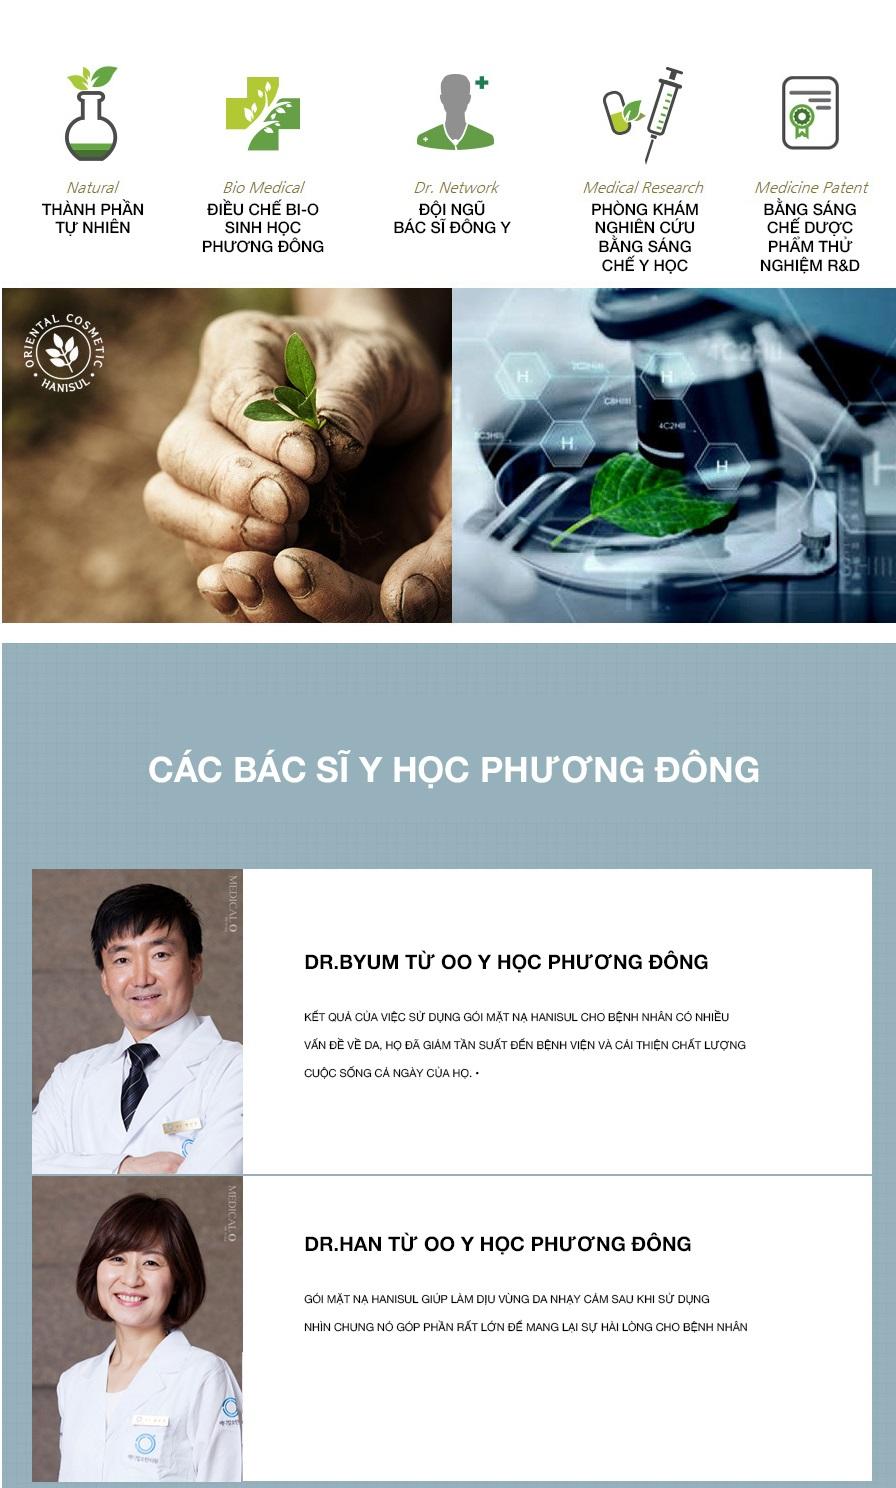 Mặt Nạ Đông Y dưỡng trắng Hanisul Whitening Oriental Infusion Mask chính hãng cao cấp được chứng nhận an toàn và hiệu nghiệm trong quá trình sử dụng, dòng mỹ phẩm chăm sóc da hiệu quả được yêu thích tại Hàn Quốc